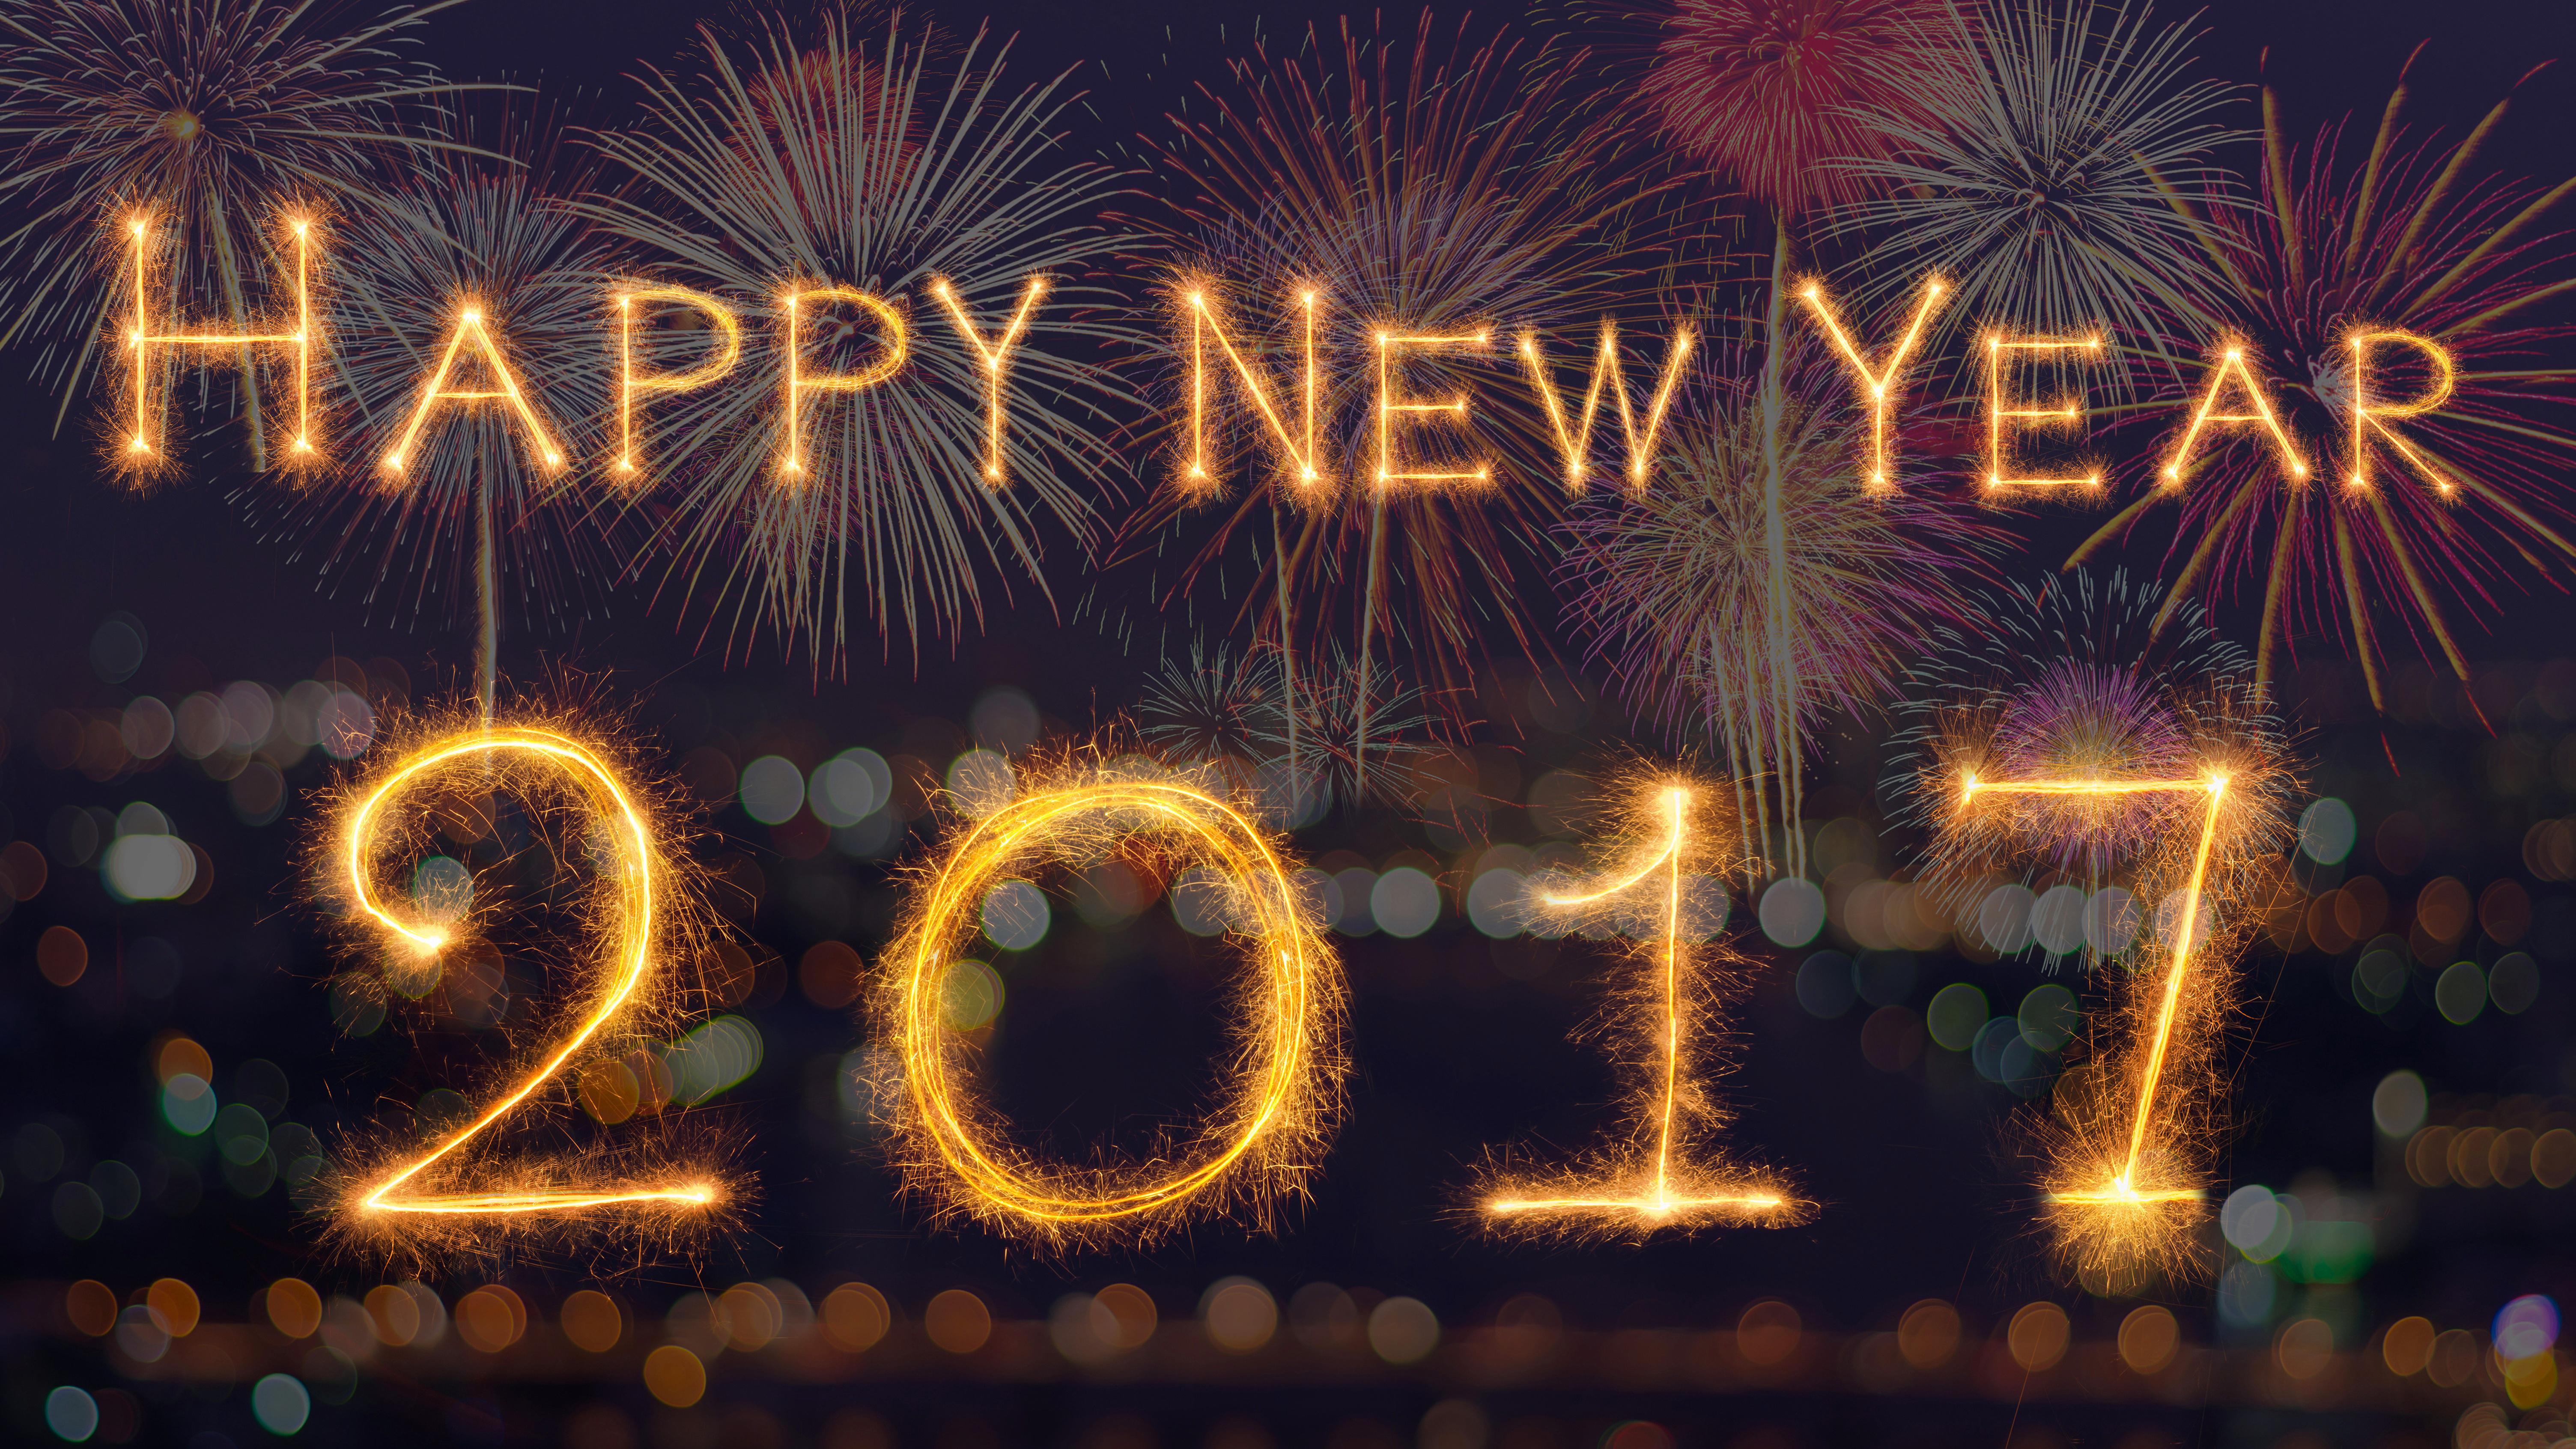 часы салют новый год загрузить